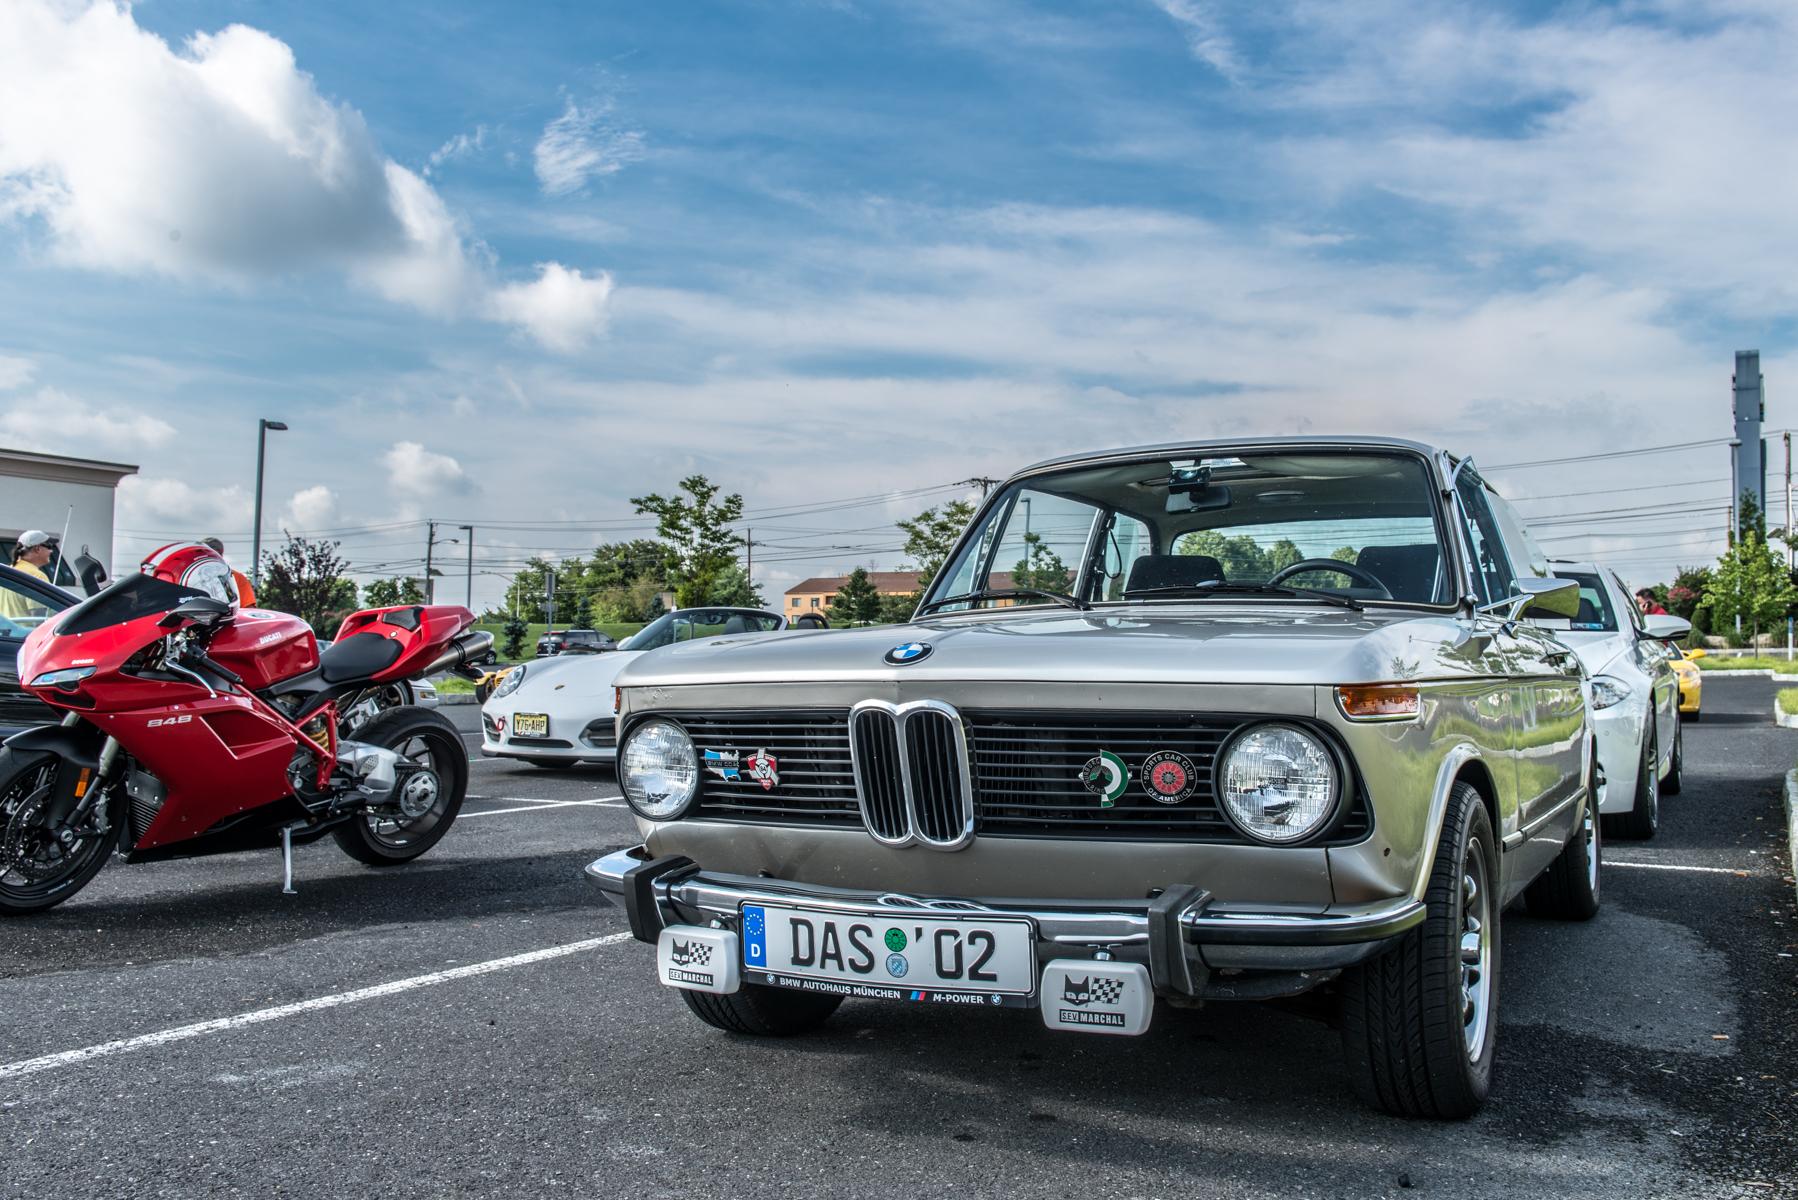 BMW 2002 Cars and Coffee NJ.jpg